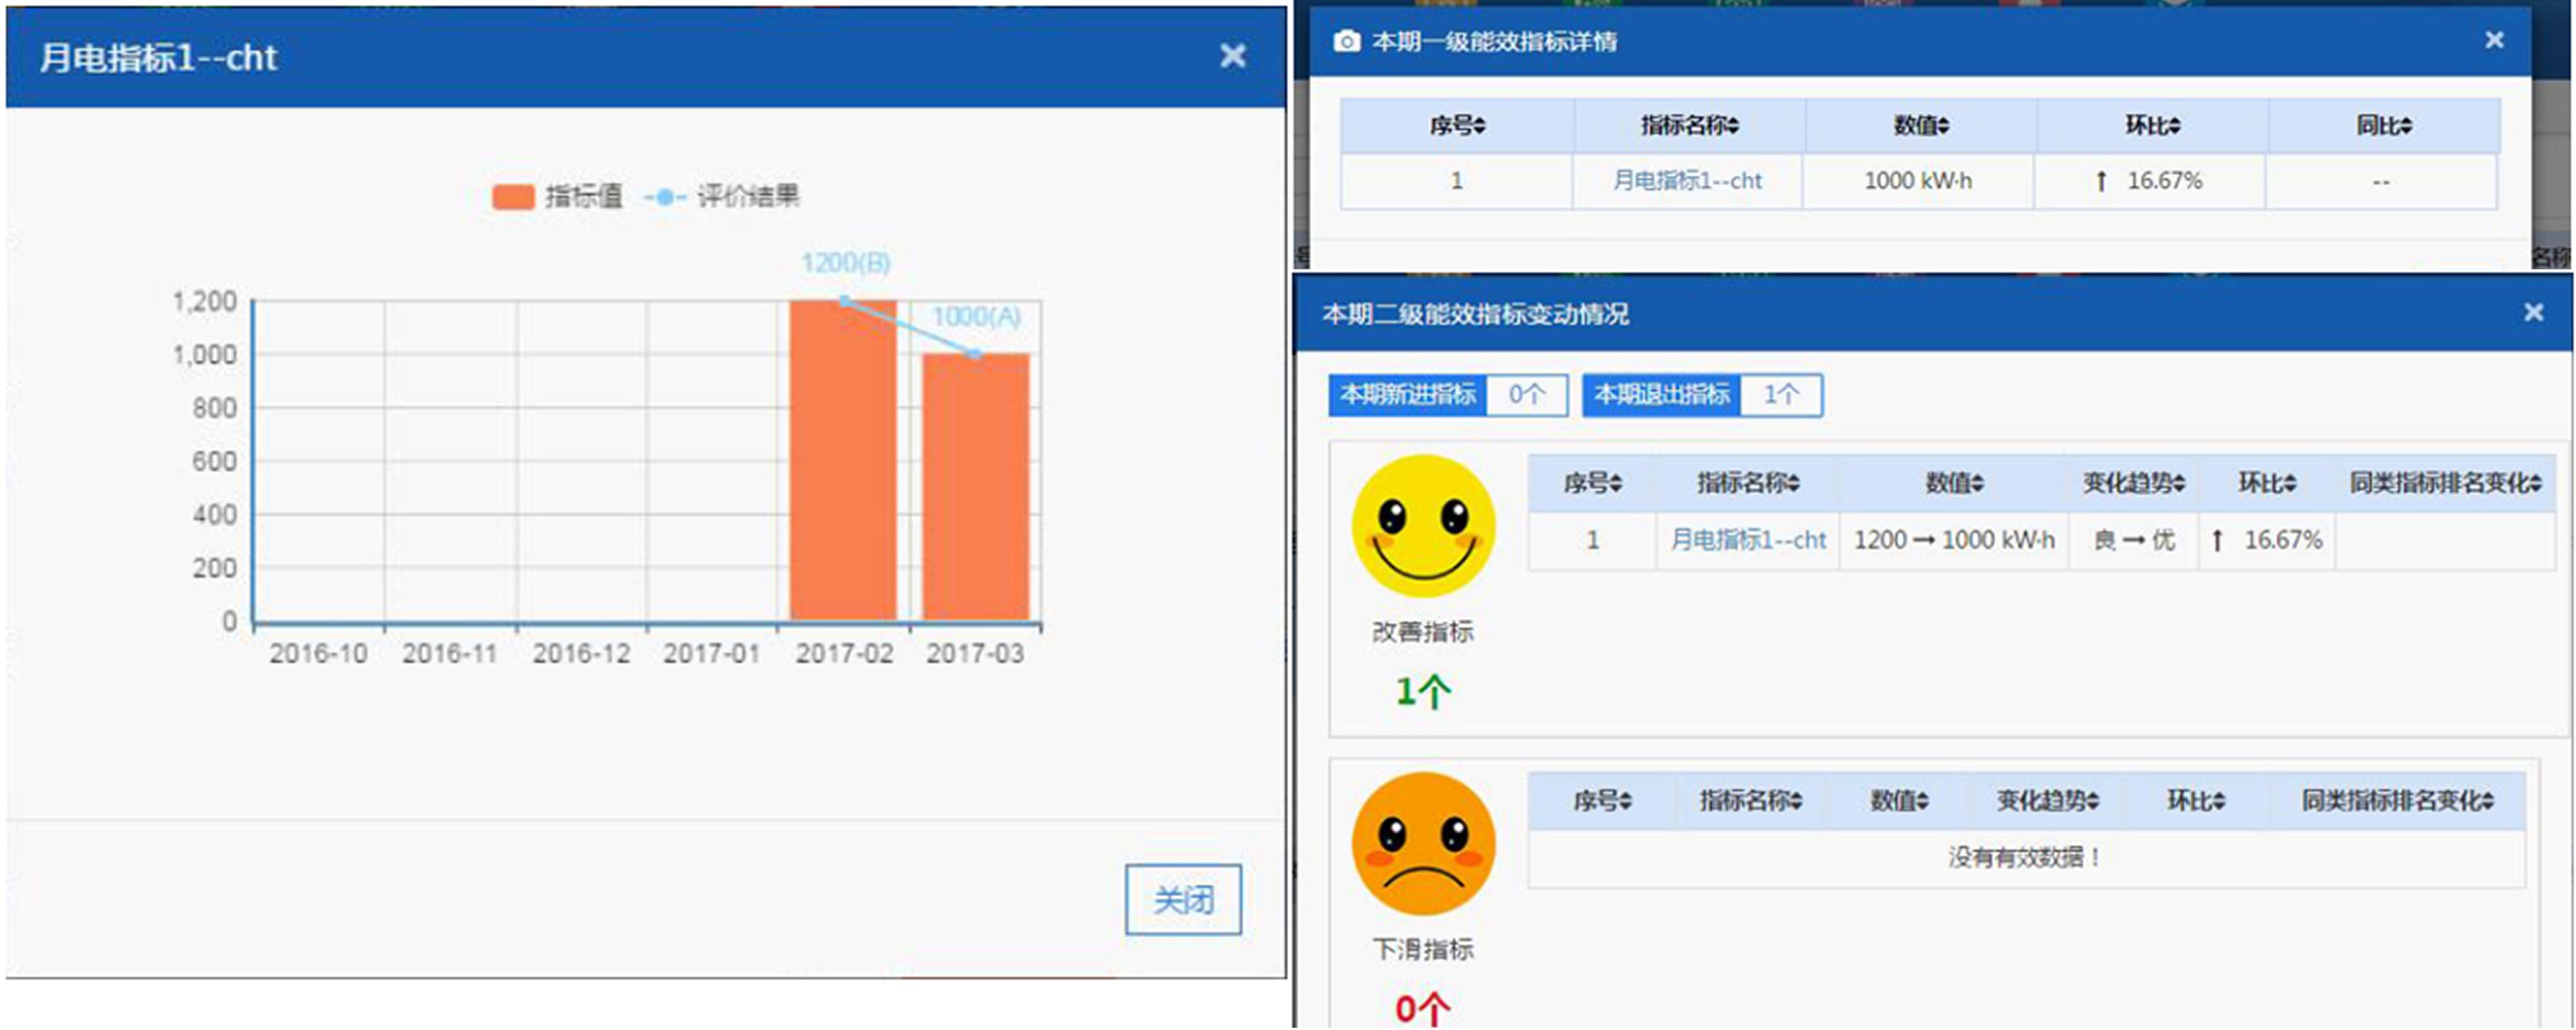 【案例分享】某食品企业能耗在线监测系统